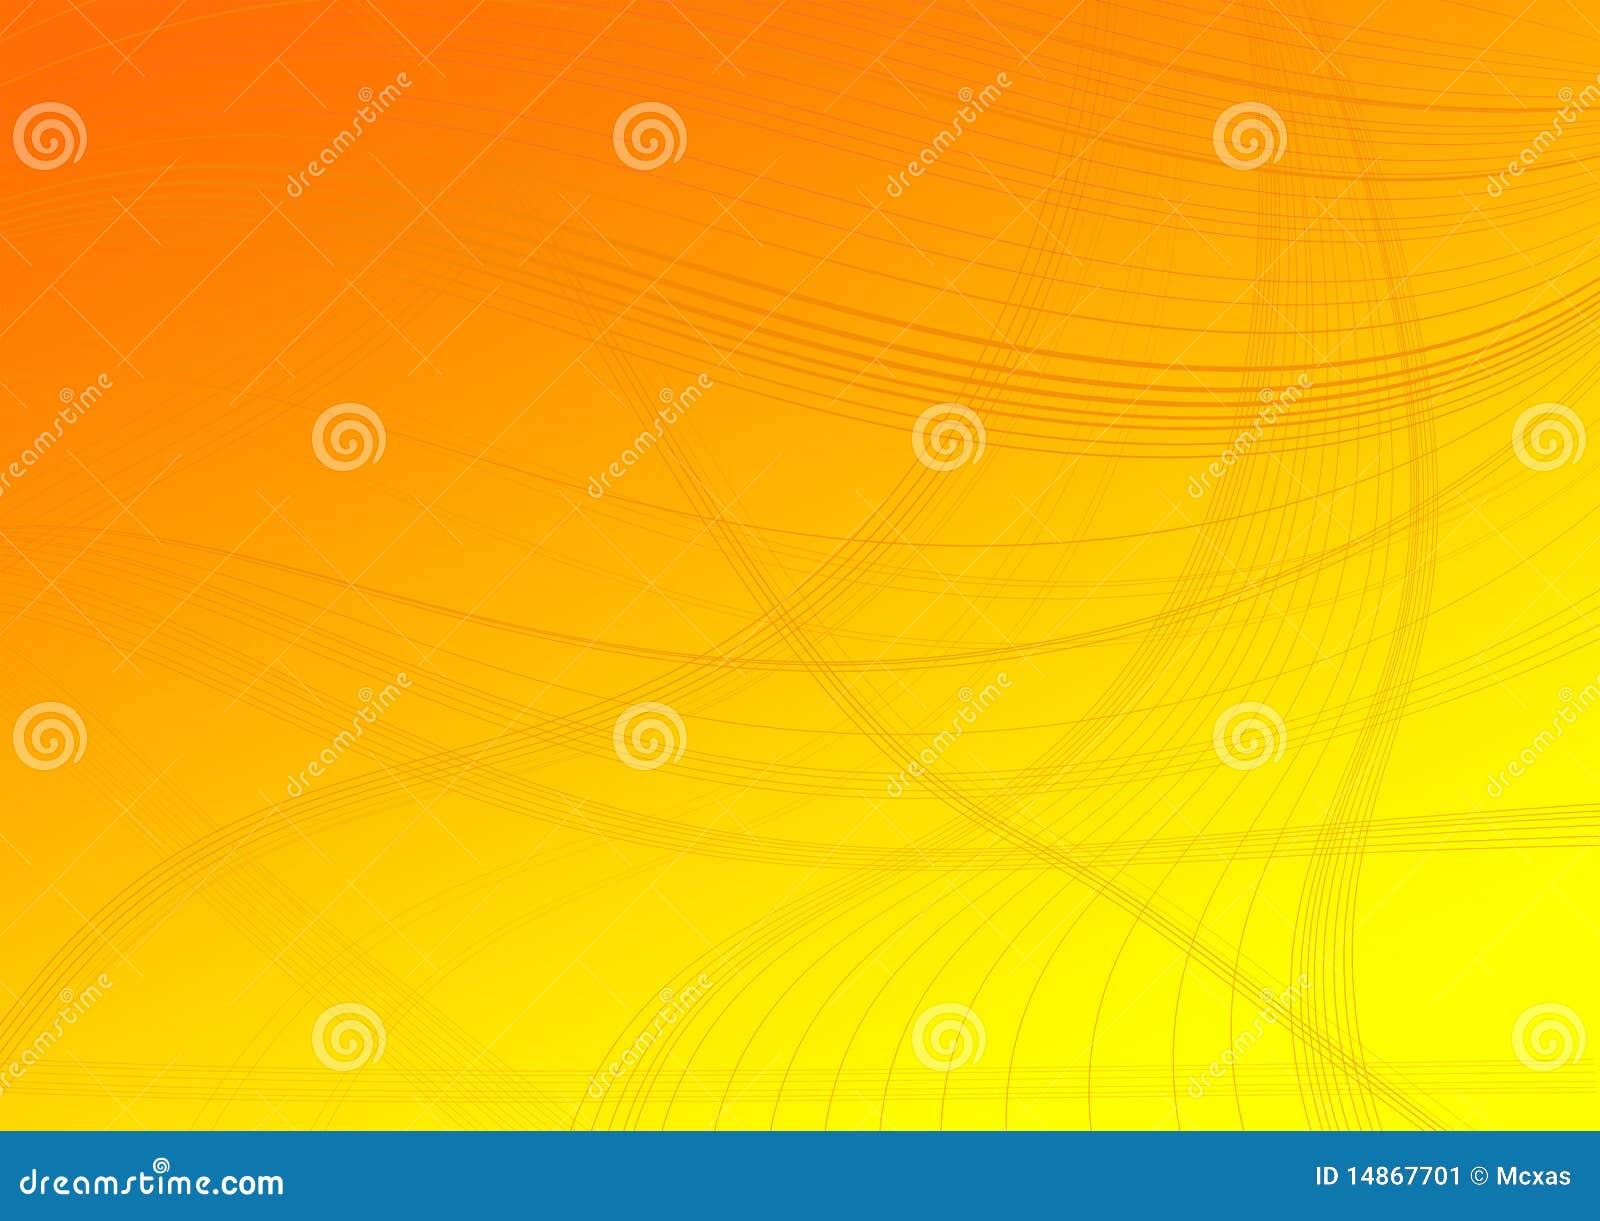 Líneas en un fondo degradado anaranjado